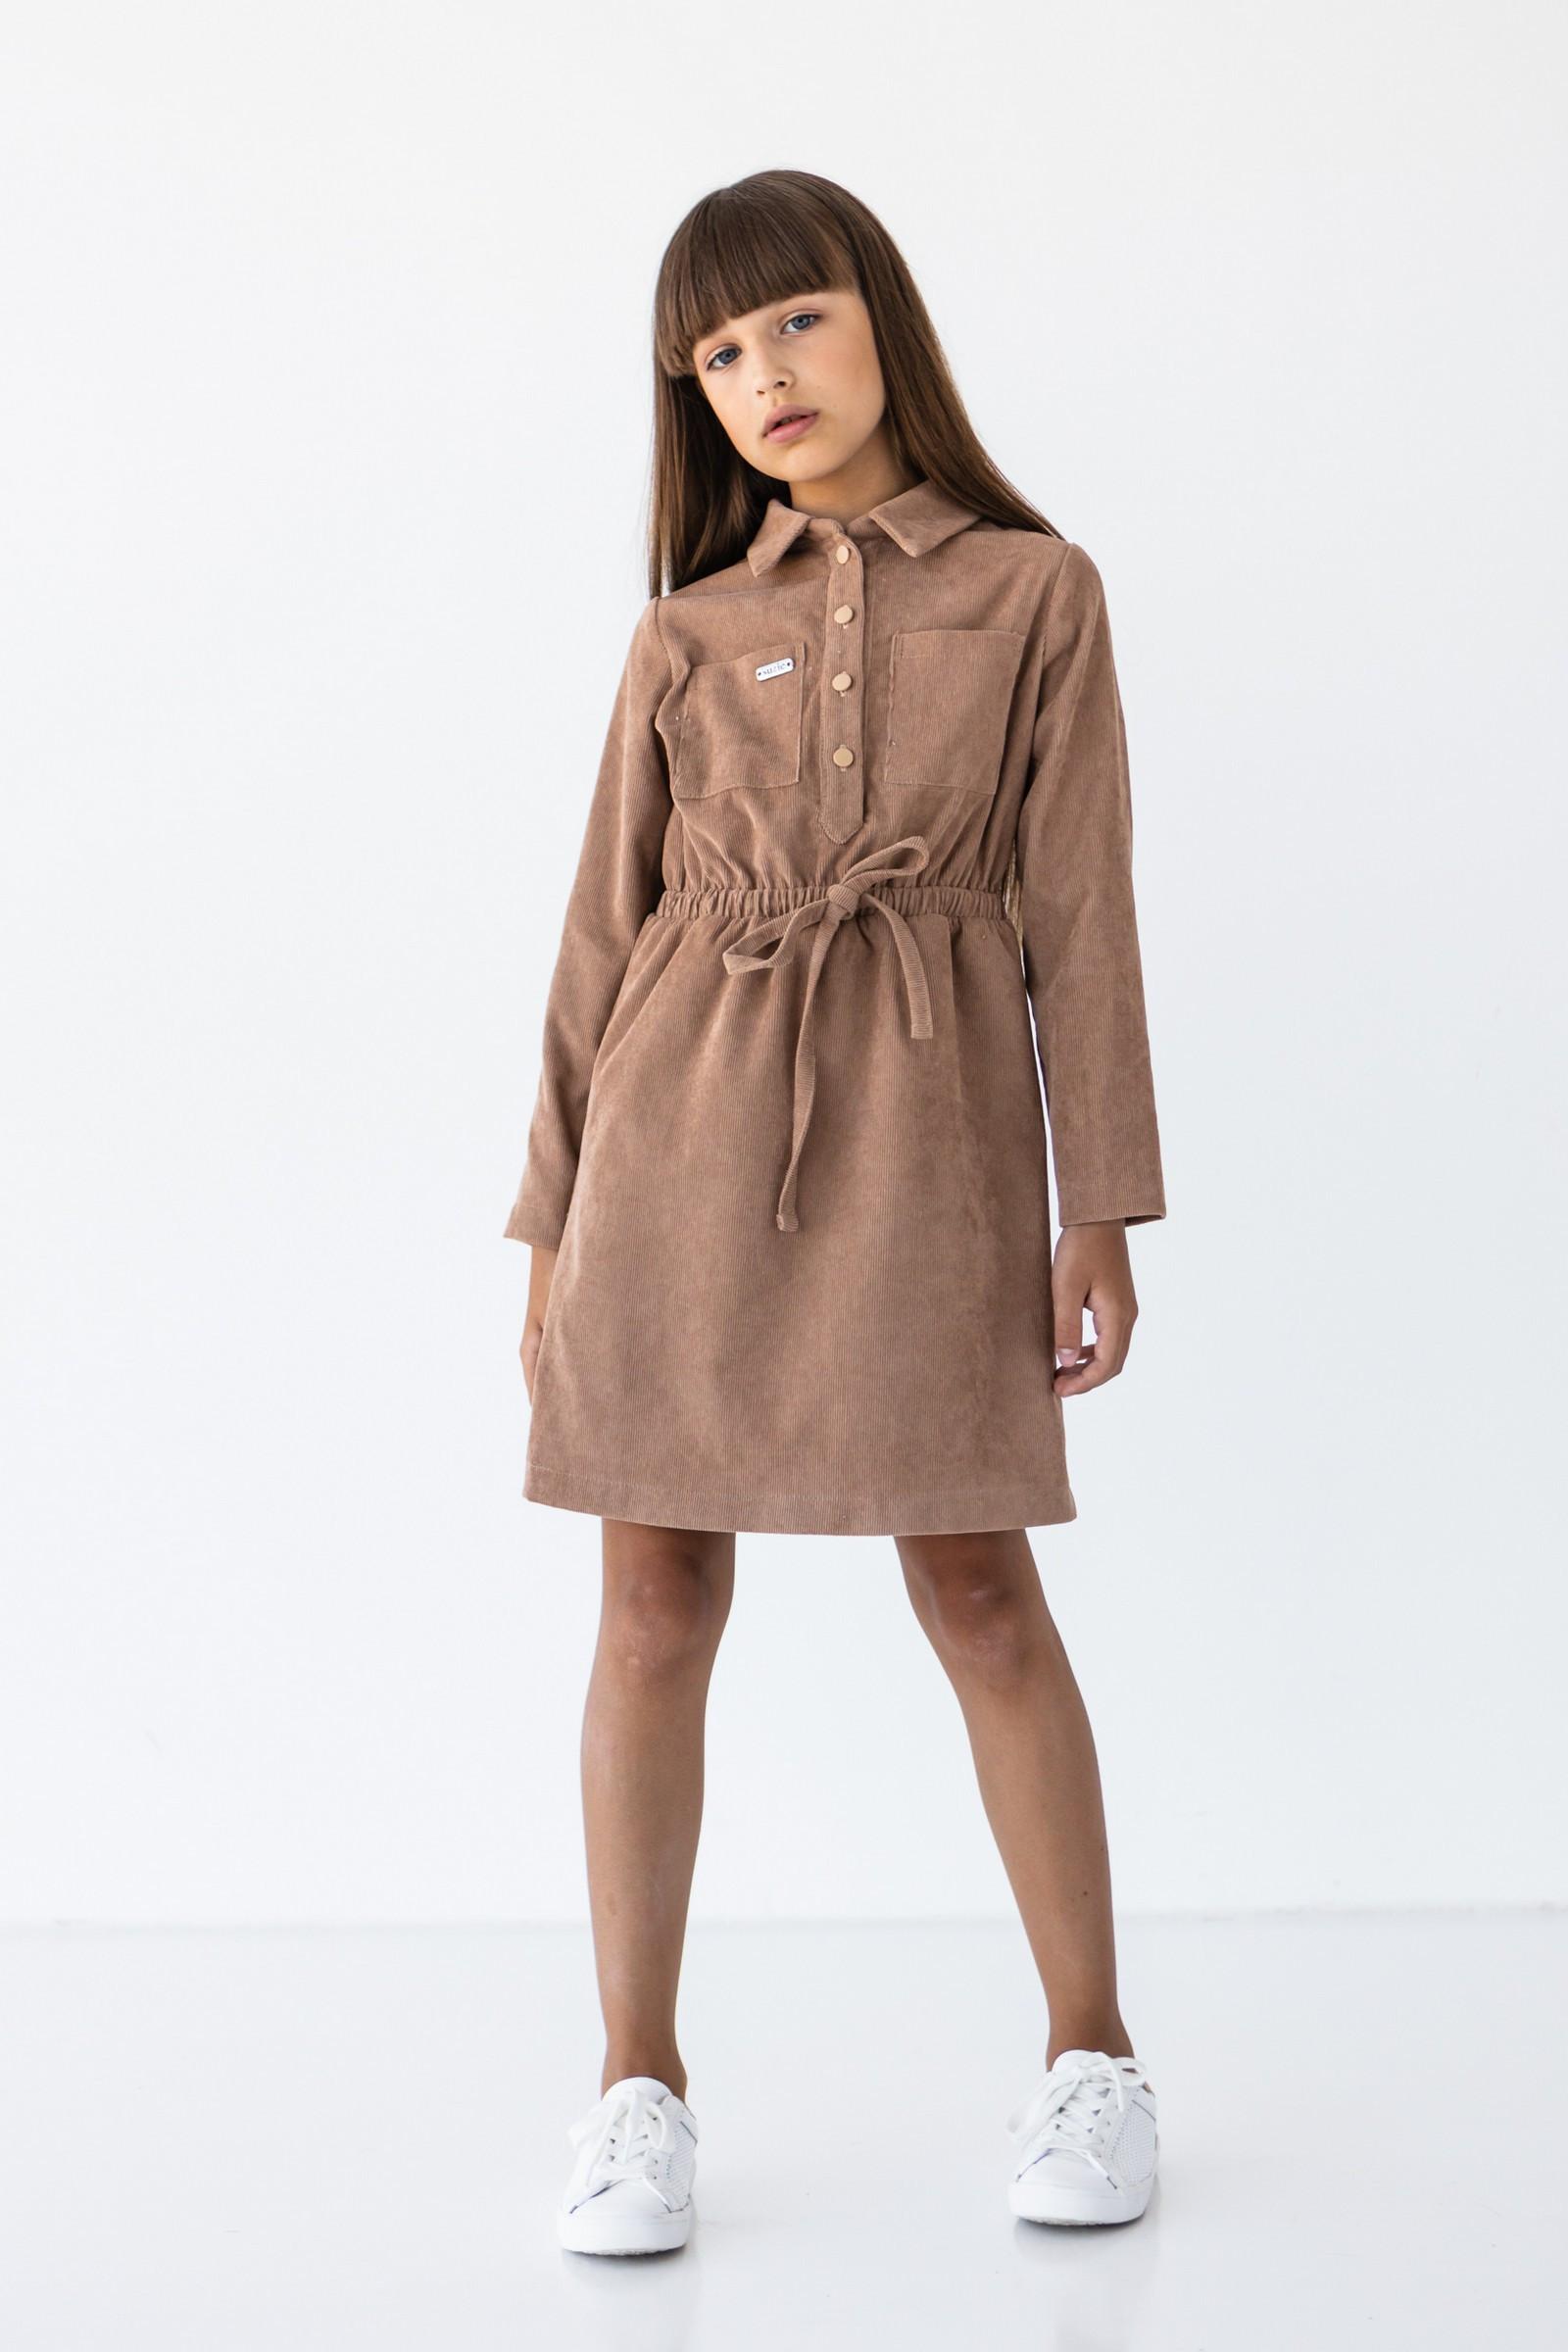 Плаття Еліза, фото №1